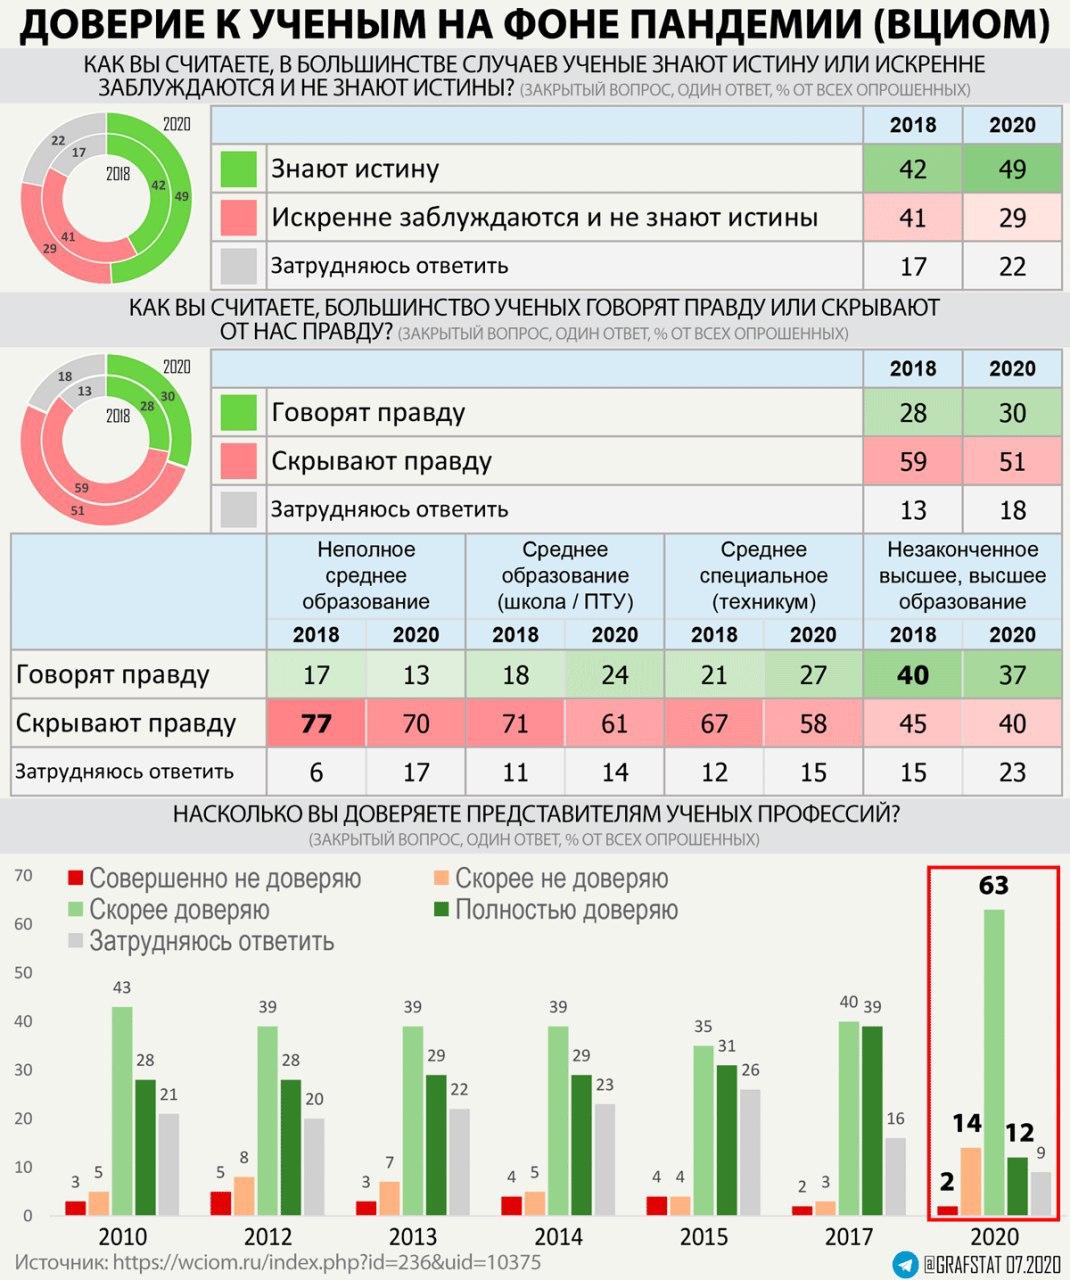 Доверие к ученым в РФ снижается на фоне пандемии